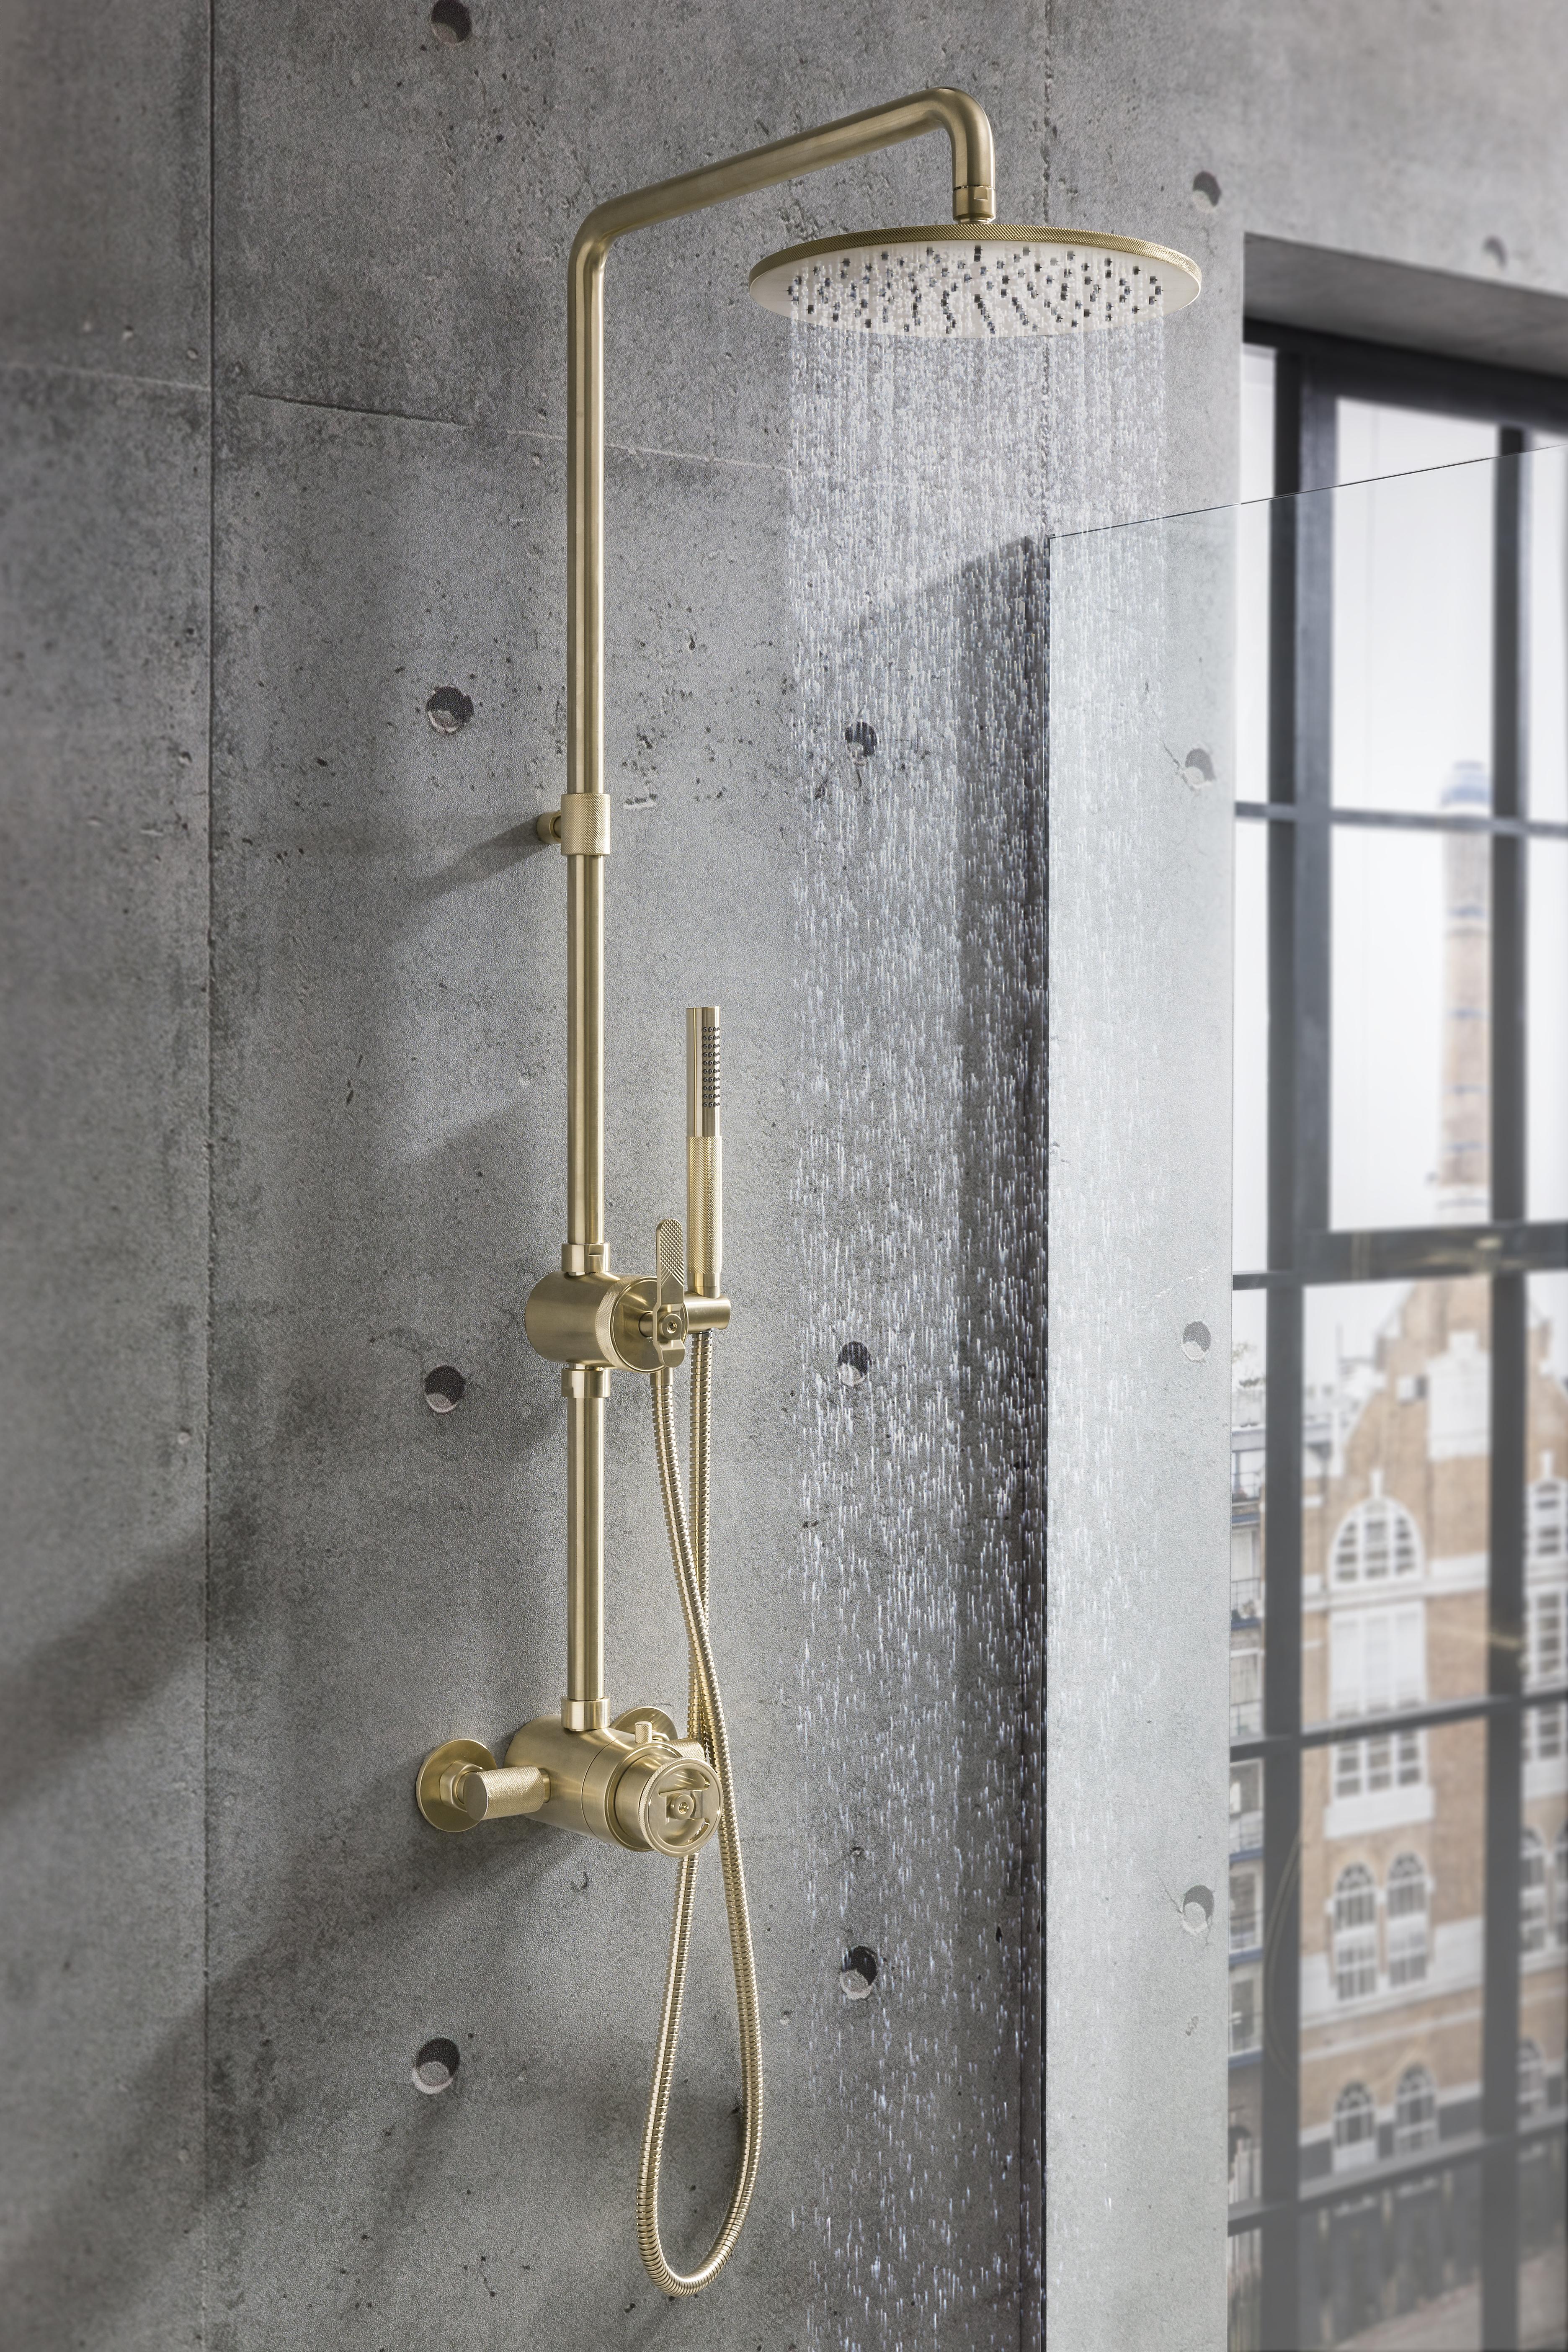 Shower Valve Kit - Brushed Brass A2